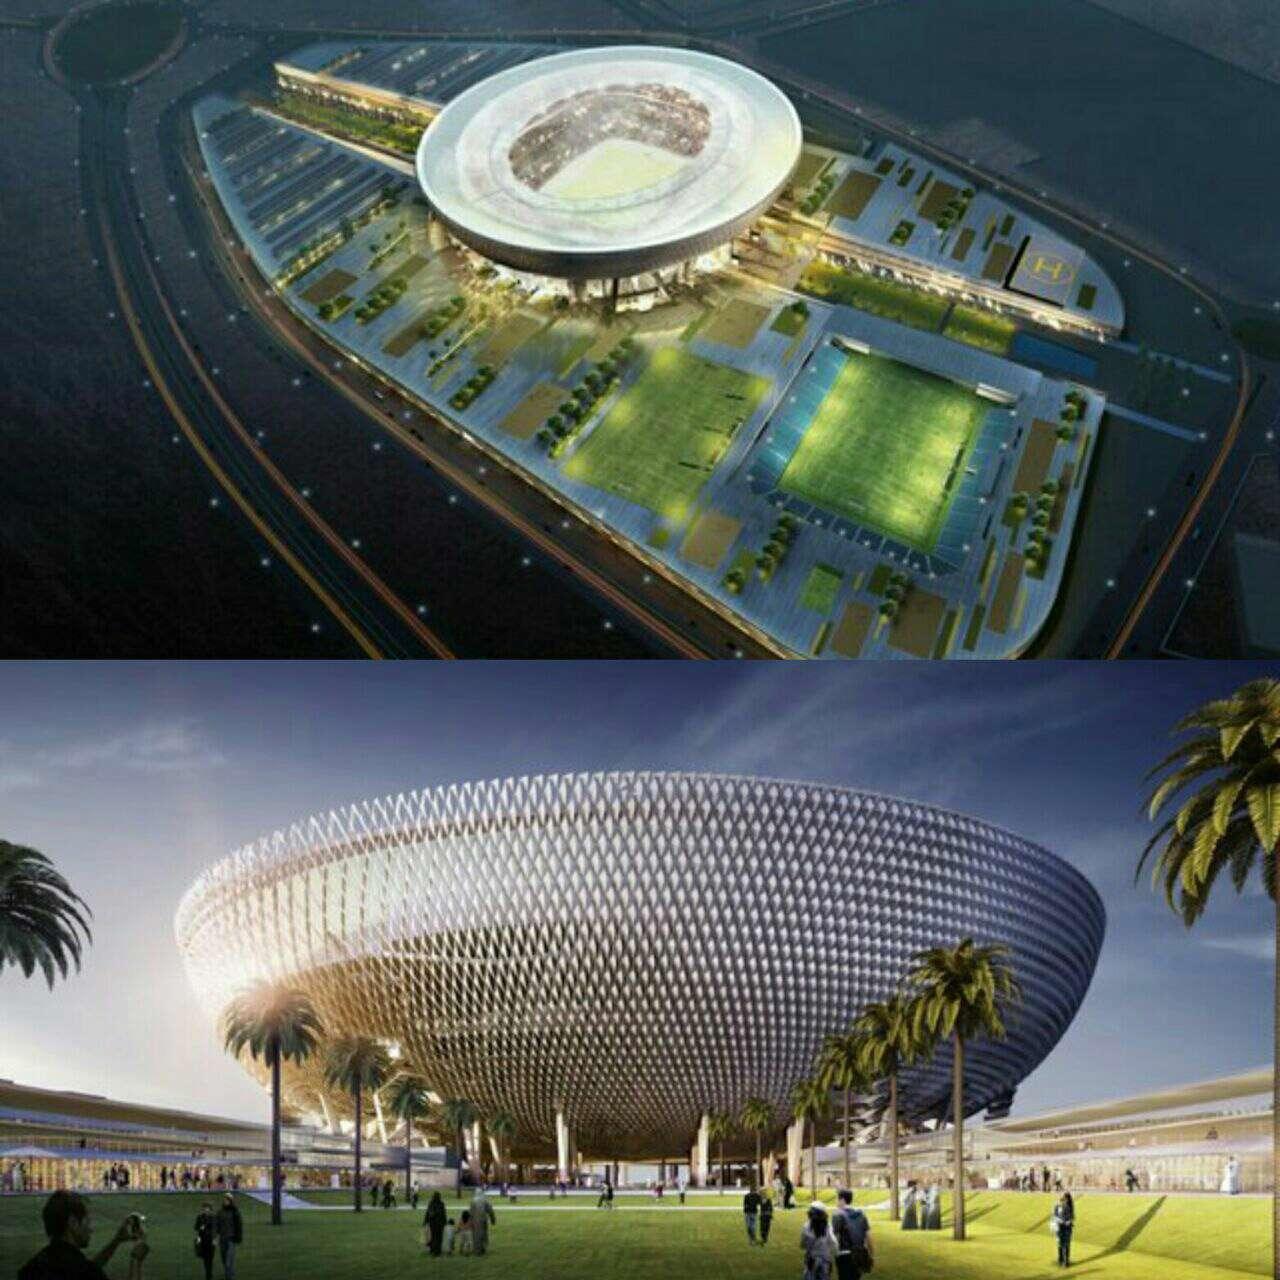 استادیوم کاسه مانند بزرگی در امارات ساخته شده که به مدد طراحی هوشمندی که دارد در گرمای طاقت فرسای این کشور به طور طبیعی خنک می ماند